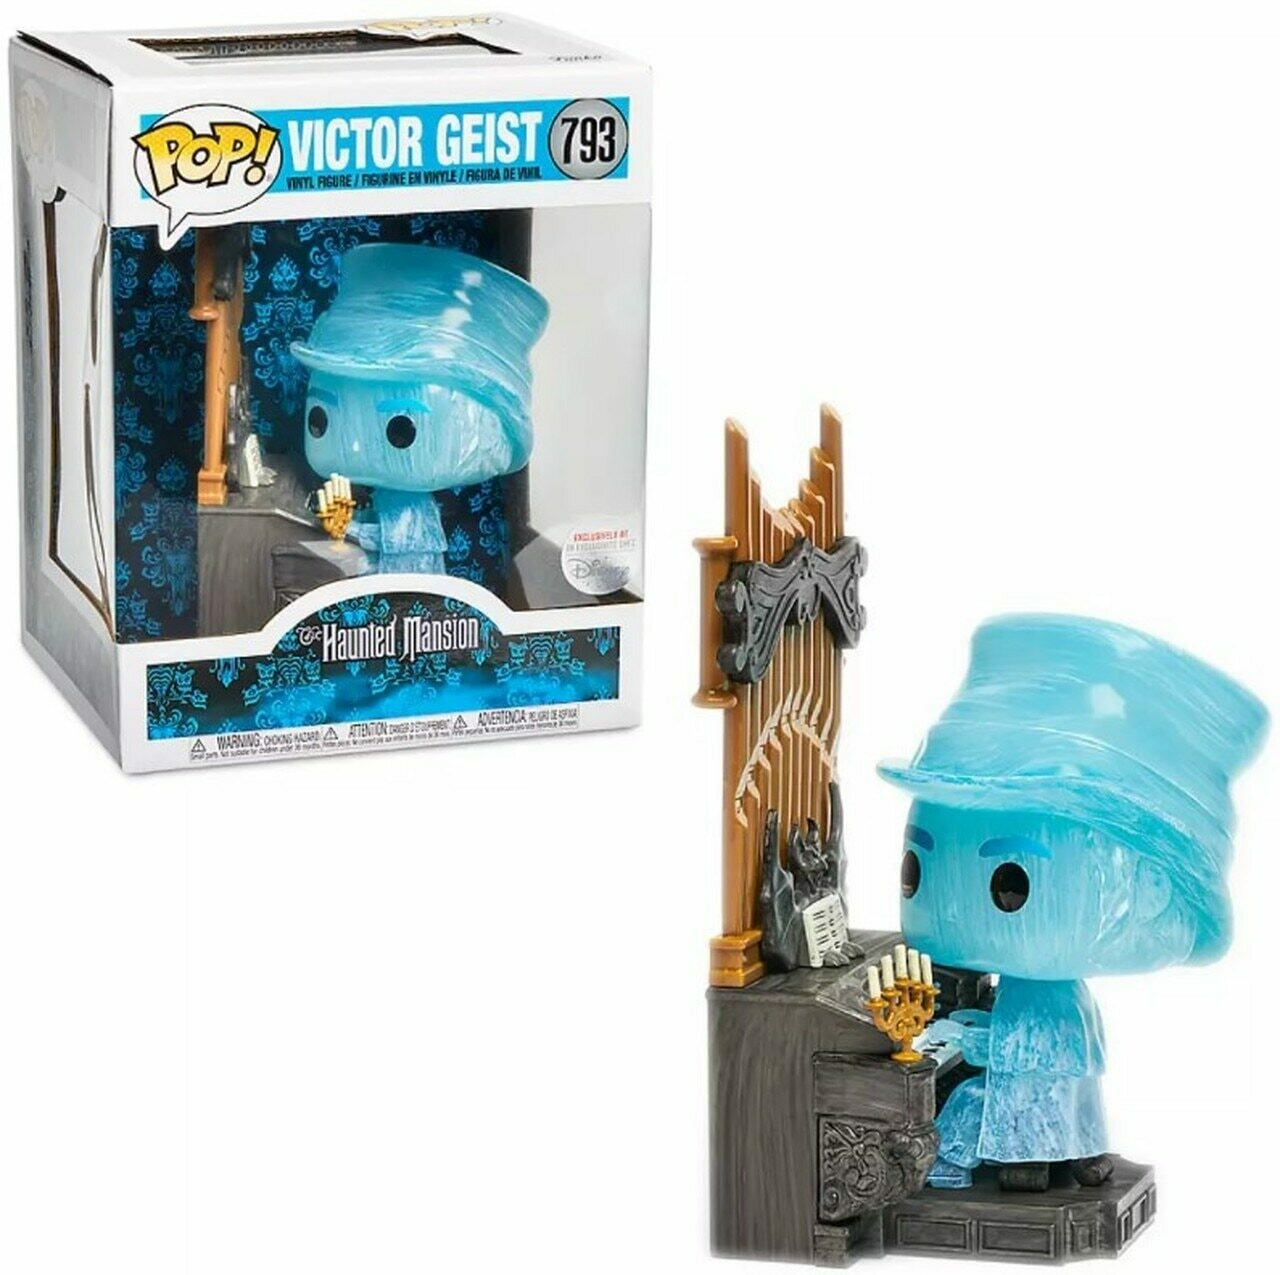 Funko Pop! Victor Geist Fantasma con organo (Exclusivo) - La Mansion Encantada (Disney)